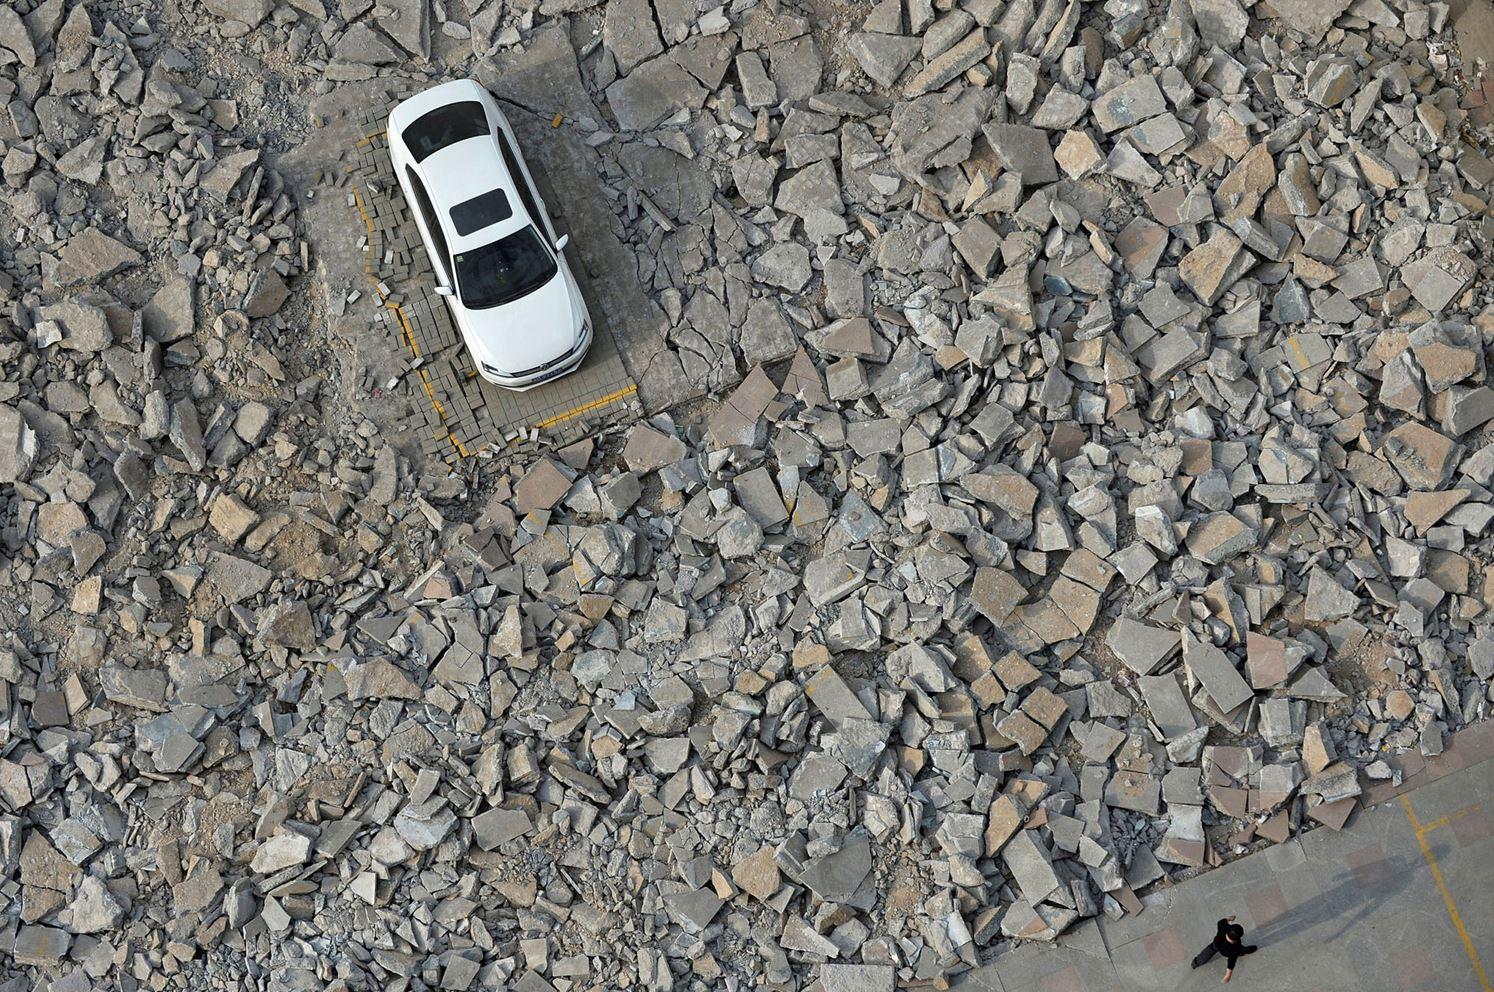 Владелец автомобиля не появлялся более десяти дней, поэтому ремонт парковки был начат вокруг него.